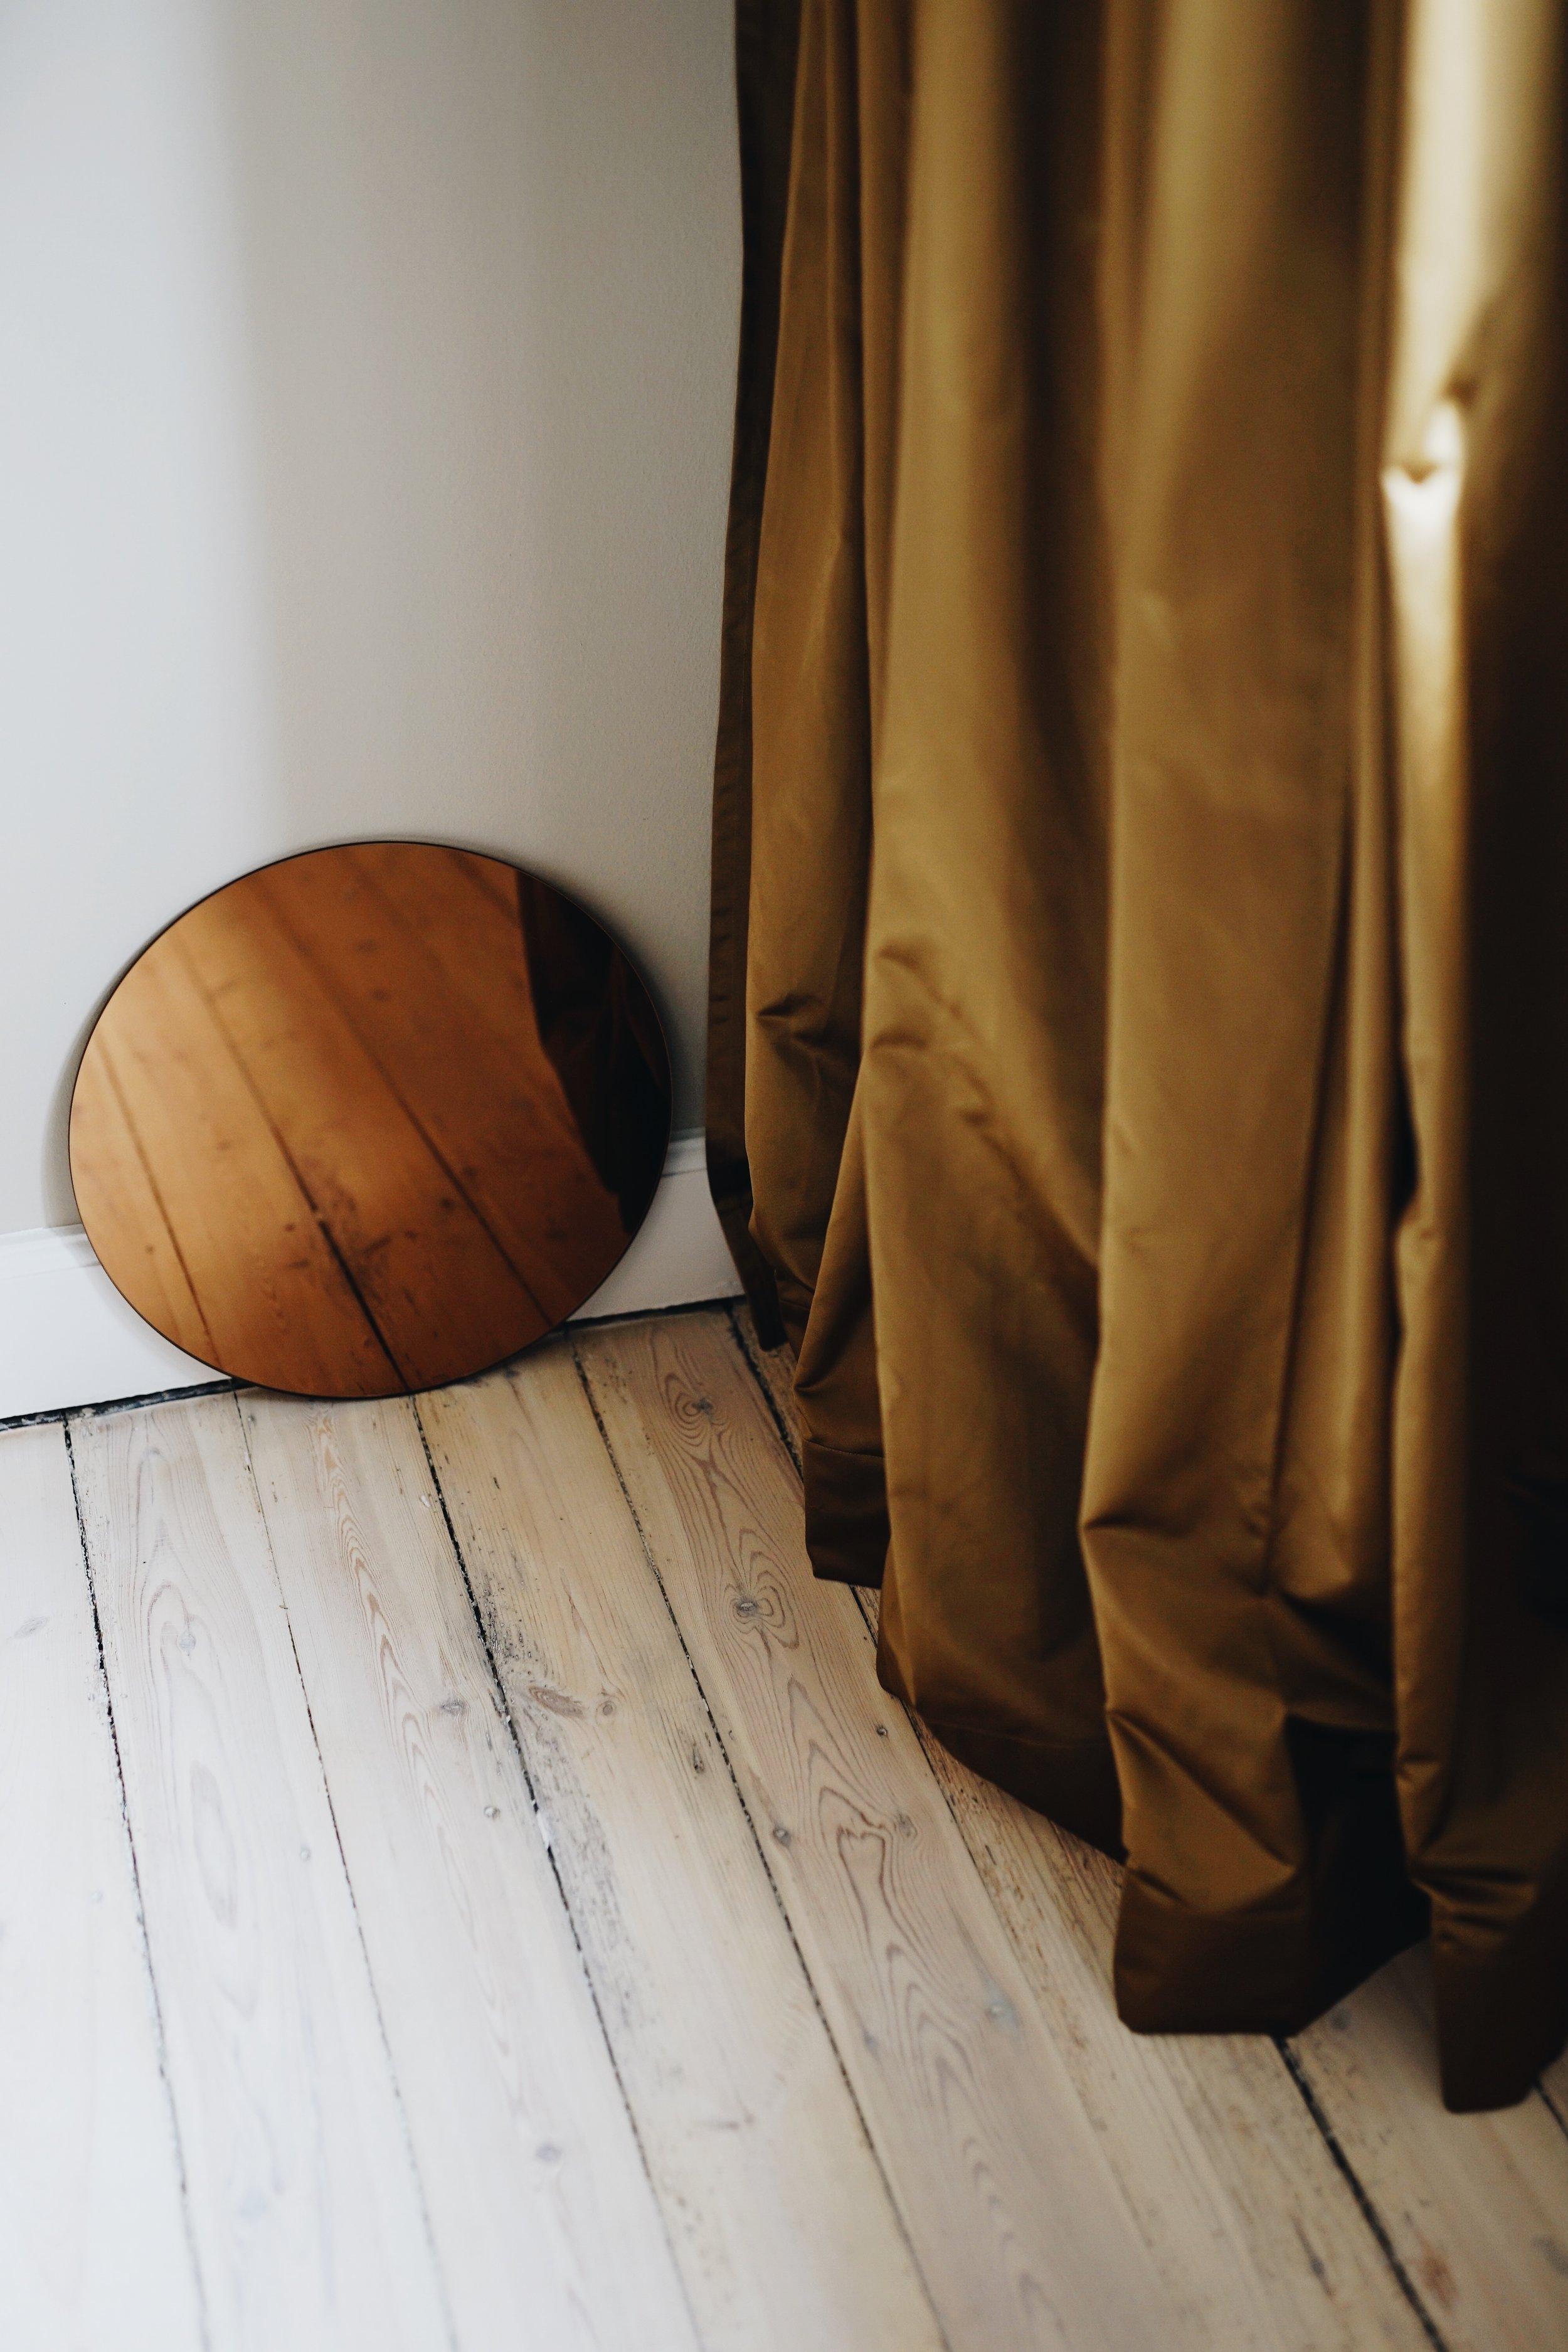 ASROSENVINGE_Arne Aksel_Curtains_Frederiksberg_Home-14.JPG